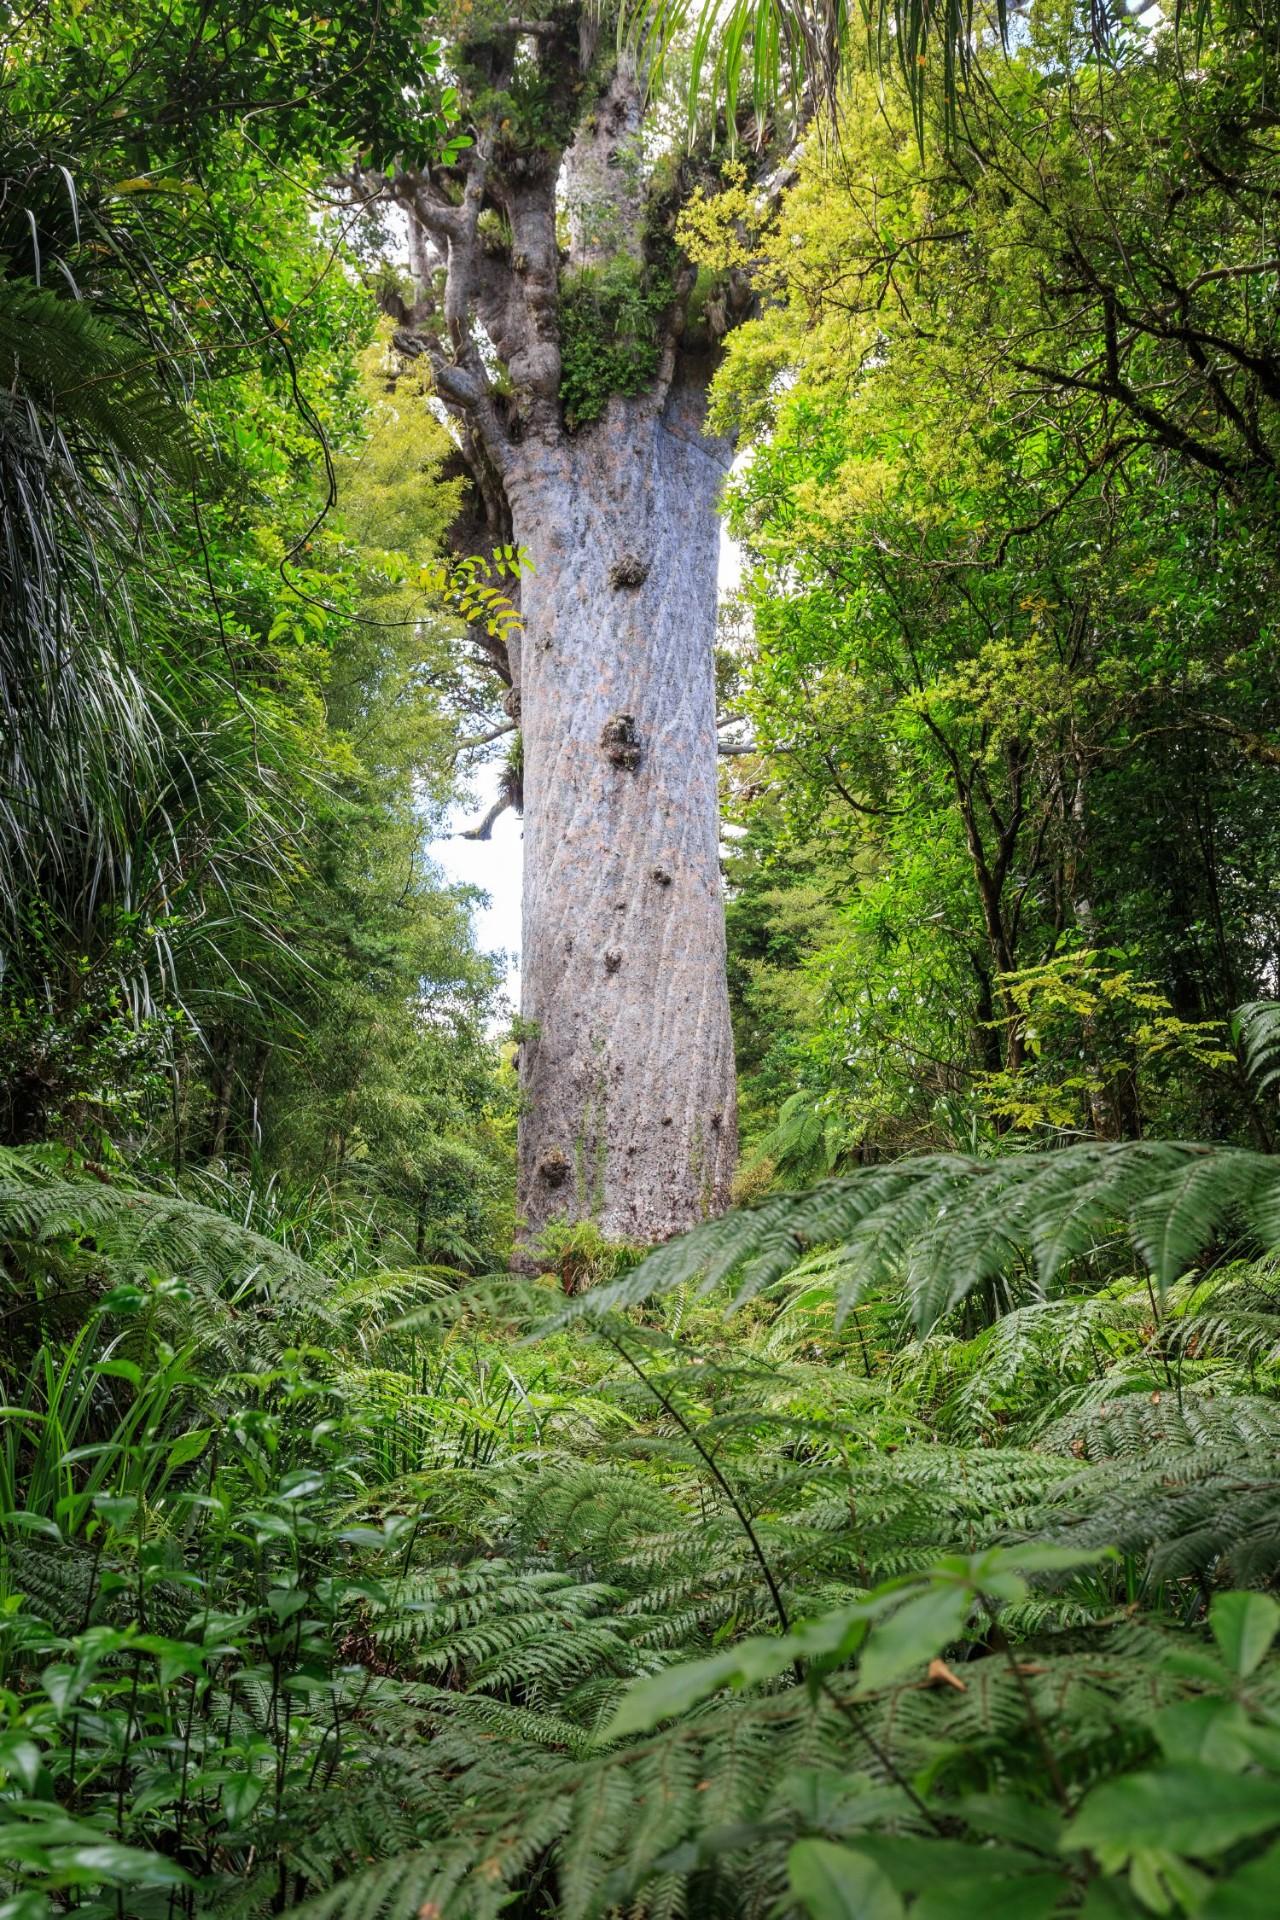 承包新西兰精华景点 这3条经典自驾路线推荐给你